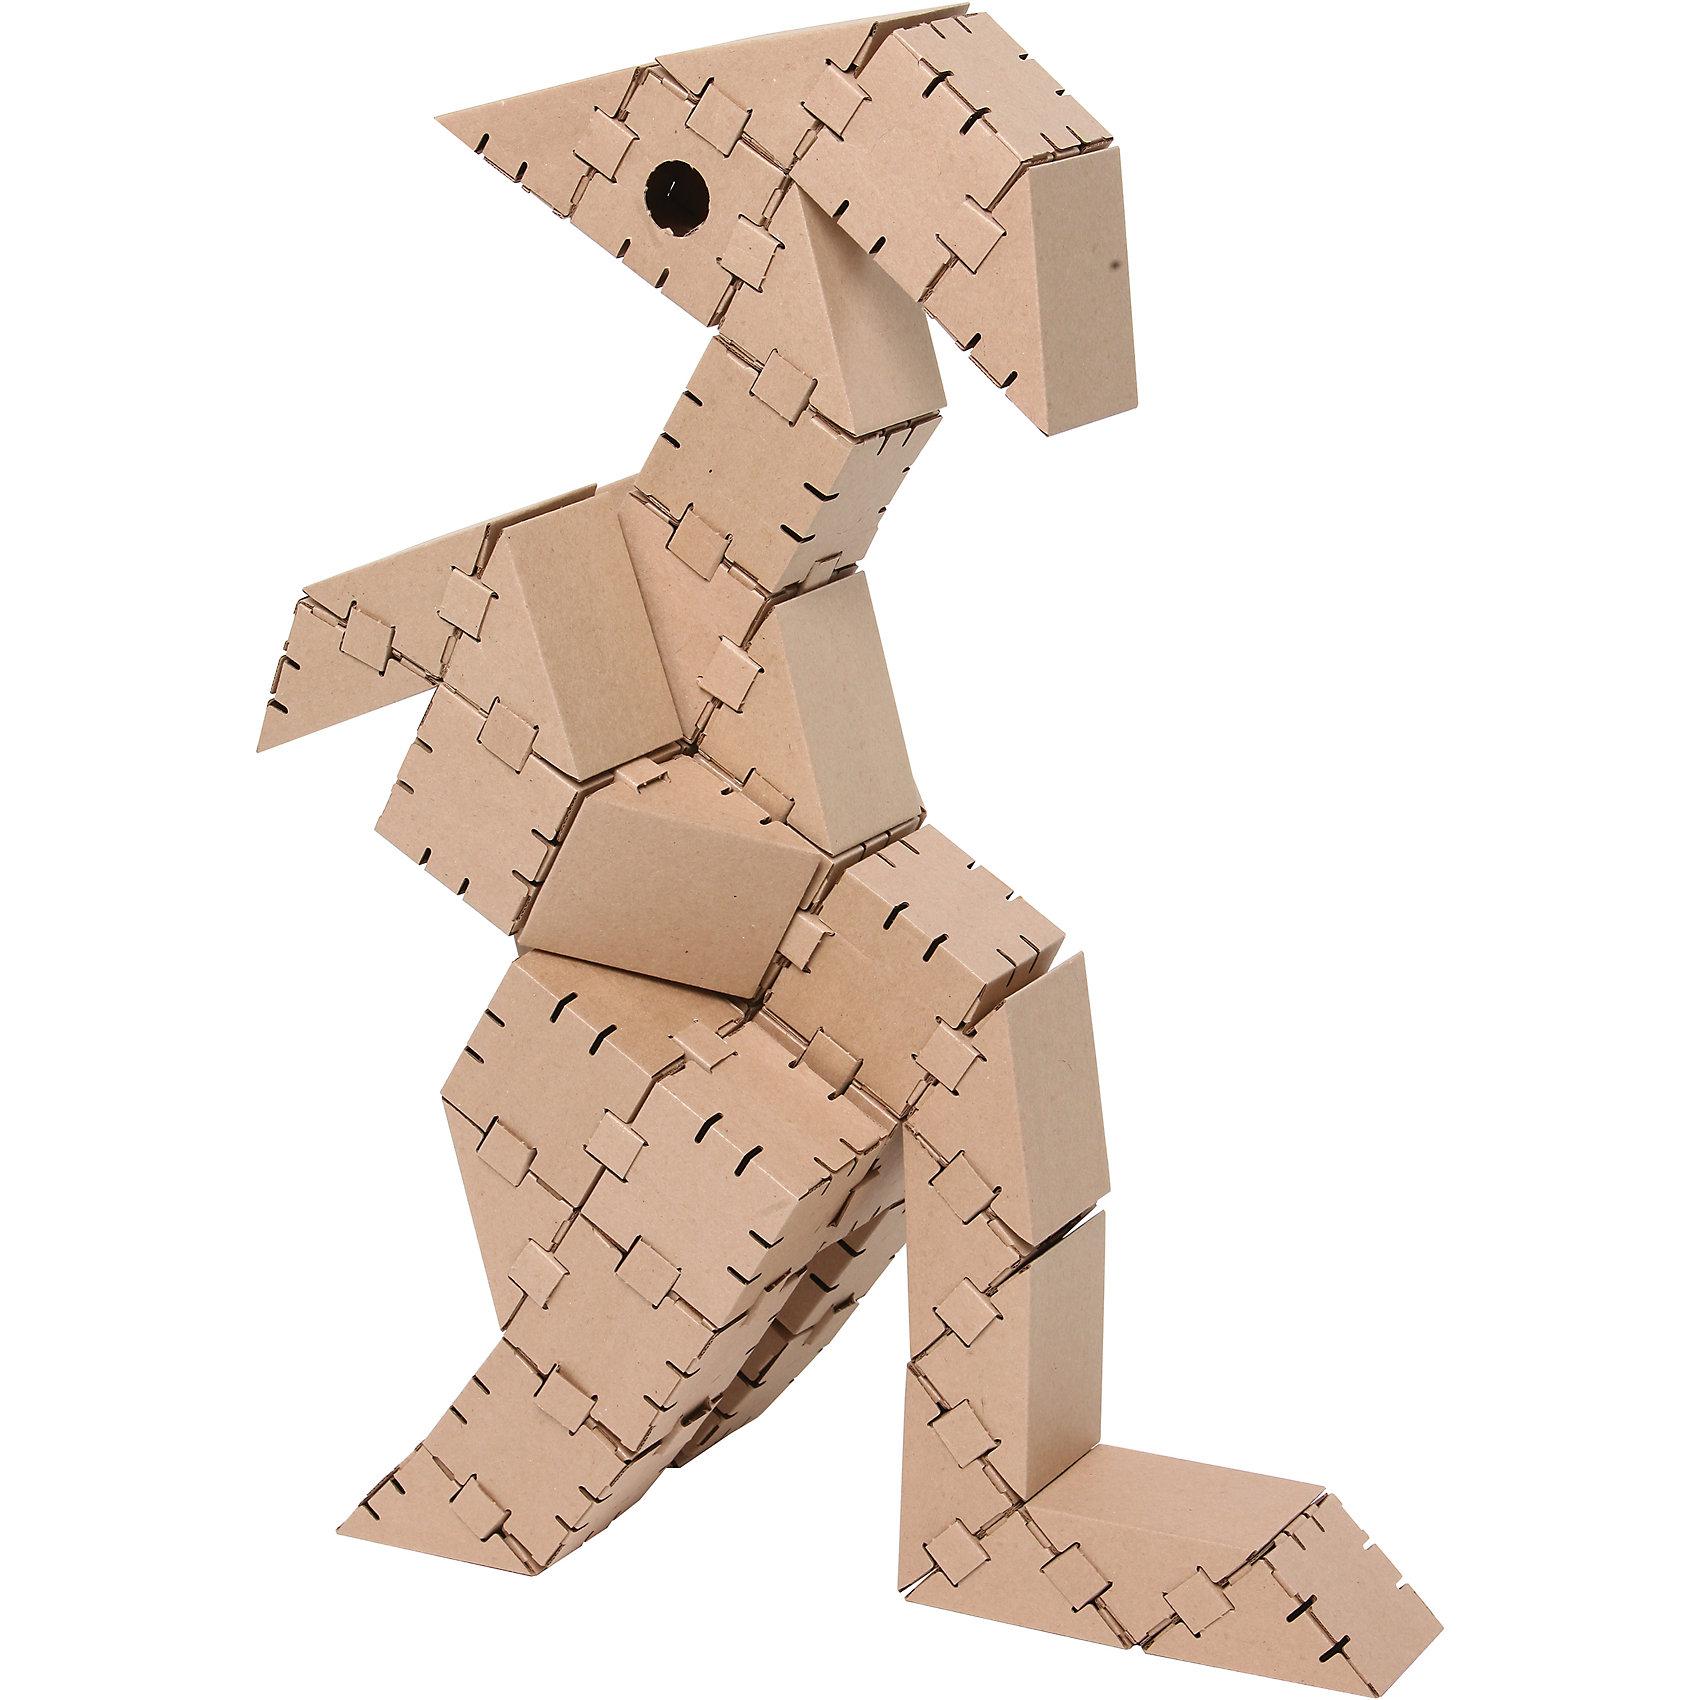 Картонный конструктор Динозавр Игу, YohocubeБренды конструкторов<br>Картонный конструктор Динозавр Игу, Yohocube (Йохокуб).<br><br>Характеристика:<br><br>• Материал: усиленный картон (1,5 мм). <br>• Размер упаковки: 37х31х5,5 см. <br>• Размер одного кубика: 8 см. <br>• 44 деталей. <br>• Развивает моторику рук, внимание, пространственное мышление и воображение. <br>• Картонную фигурку можно раскрасить.<br><br>С помощью этого набора ребенок сможет собрать своего собственного ручного динозавра! Все детали выполнены из прочного экологичного картона, они надежно и легко крепятся друг к другу, не рассыпаются и не мнутся. Прекрасный подарок на любой праздник! <br>Конструирование - отличный вид творческой деятельности, в процессе которого развивается внимание, моторика рук, пространственное мышление и воображение. <br><br>Картонный конструктор Динозавр Игу, Yohocube (Йохокуб), можно купить в нашем магазине.<br><br>Ширина мм: 460<br>Глубина мм: 360<br>Высота мм: 60<br>Вес г: 1170<br>Возраст от месяцев: 72<br>Возраст до месяцев: 144<br>Пол: Унисекс<br>Возраст: Детский<br>SKU: 5154033